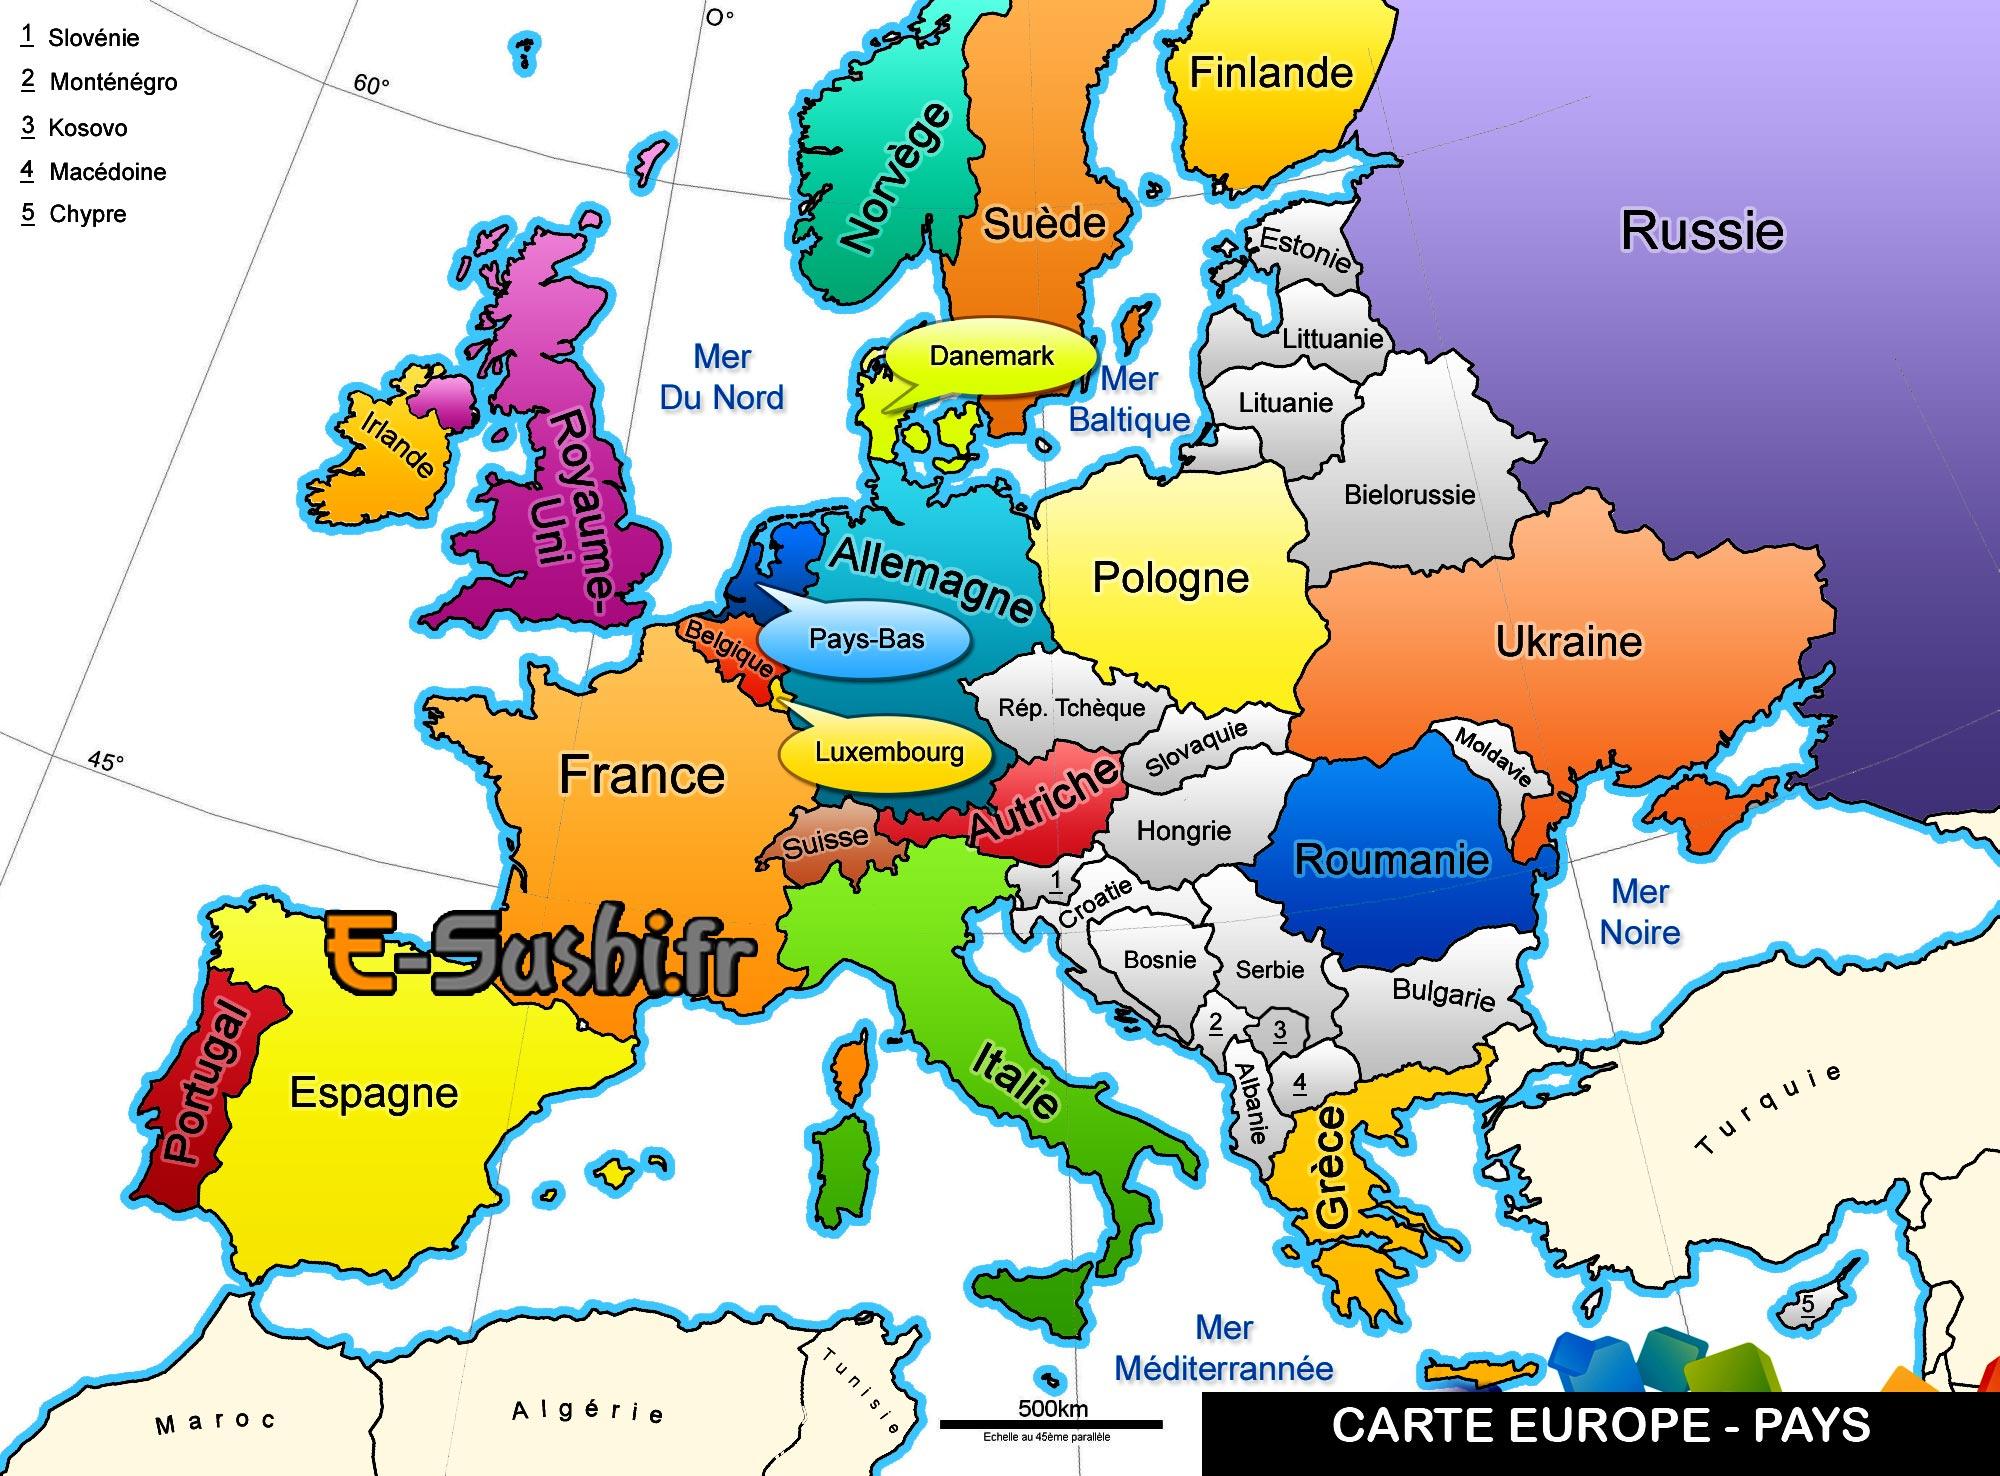 Carte Europe - Géographie Des Pays - Arts Et Voyages encequiconcerne Pays Et Capitales Union Européenne